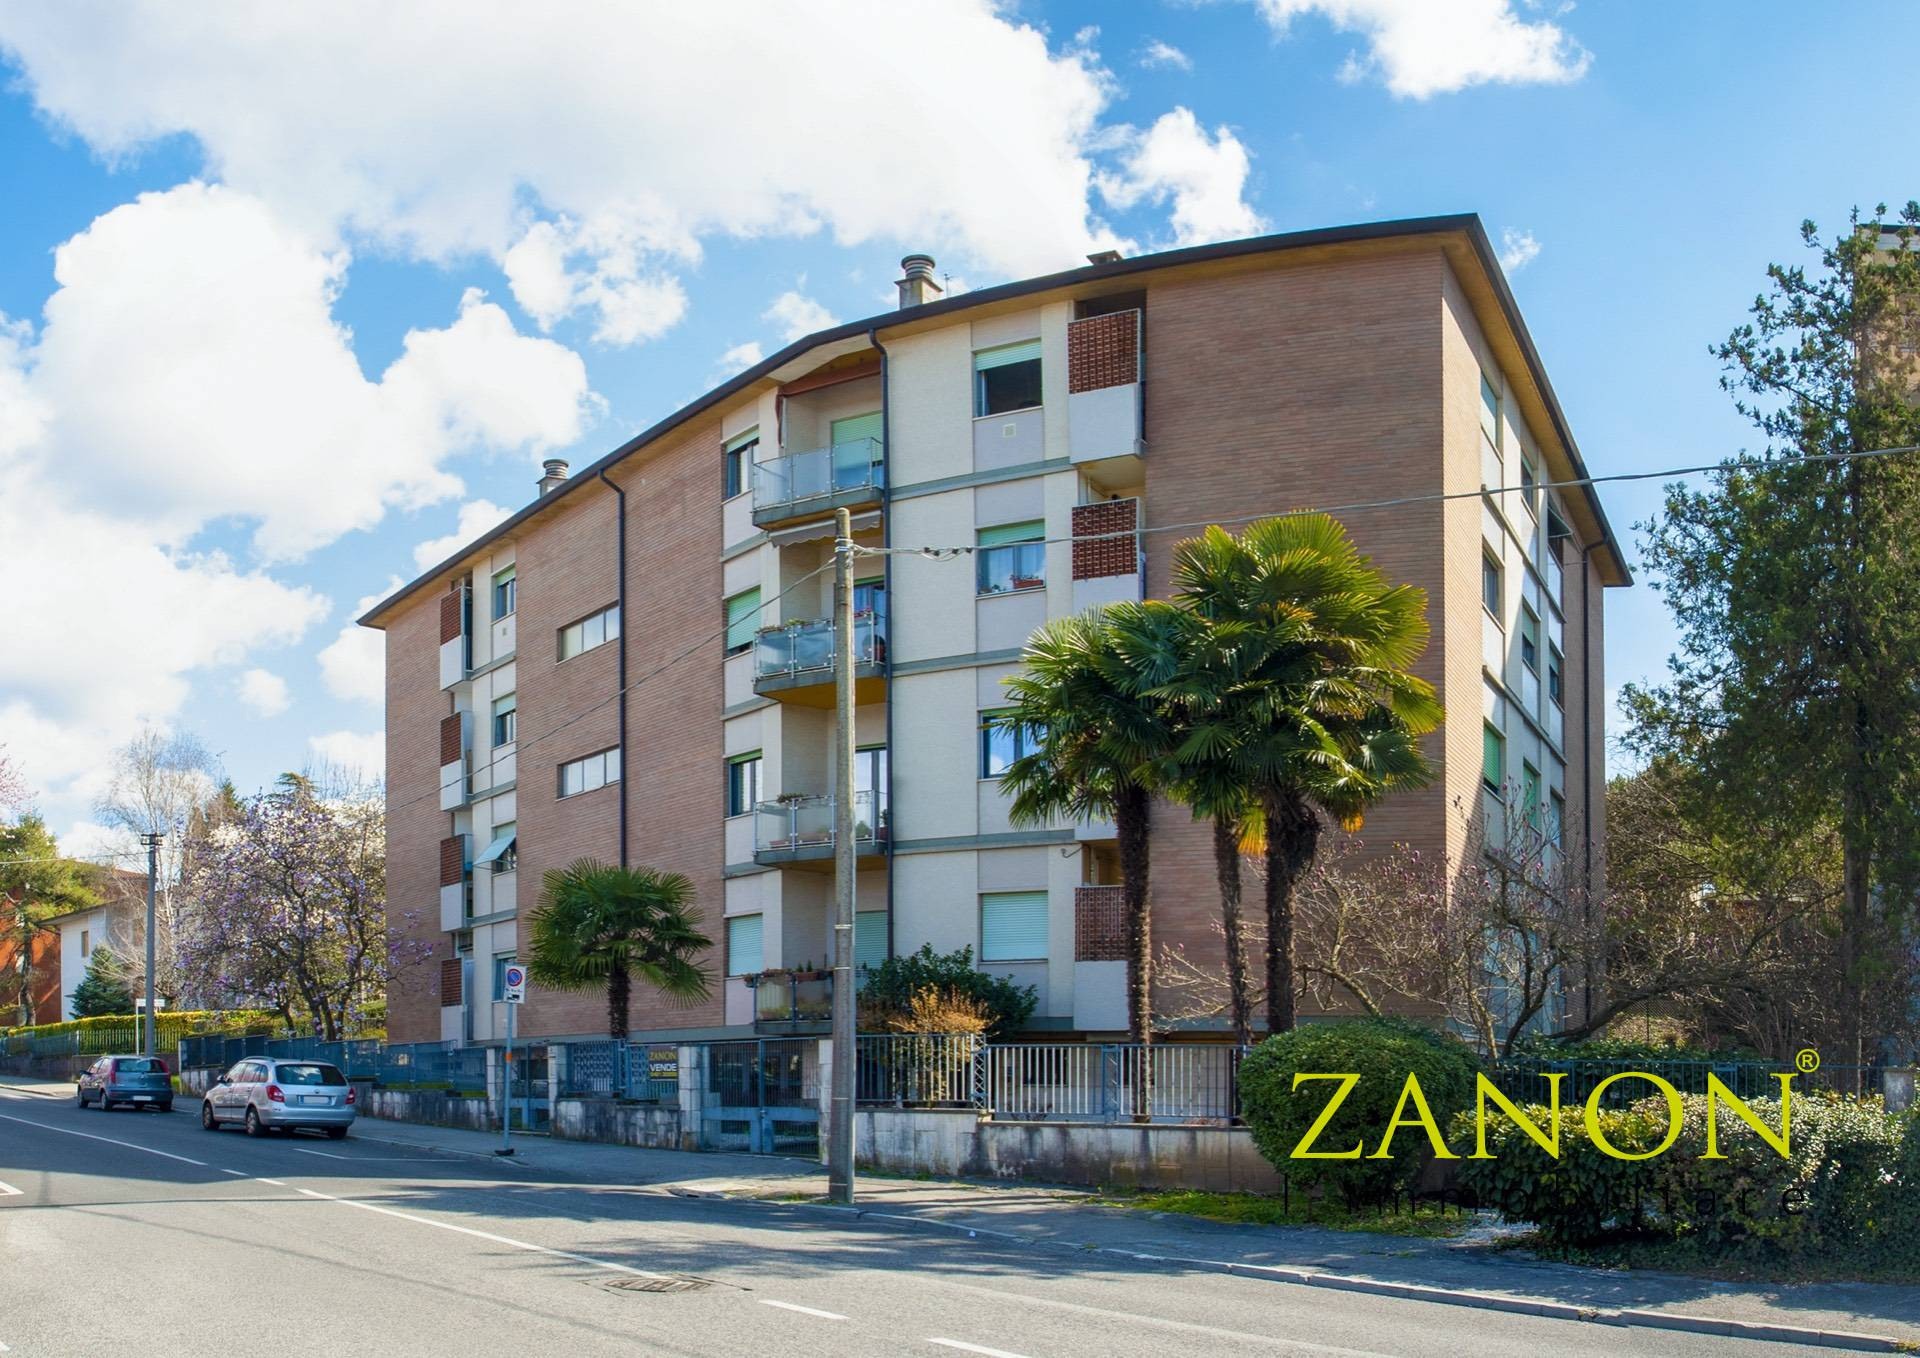 Appartamento in vendita a Gorizia, 7 locali, zona Località: CentraleCorsi, prezzo € 109.000   PortaleAgenzieImmobiliari.it